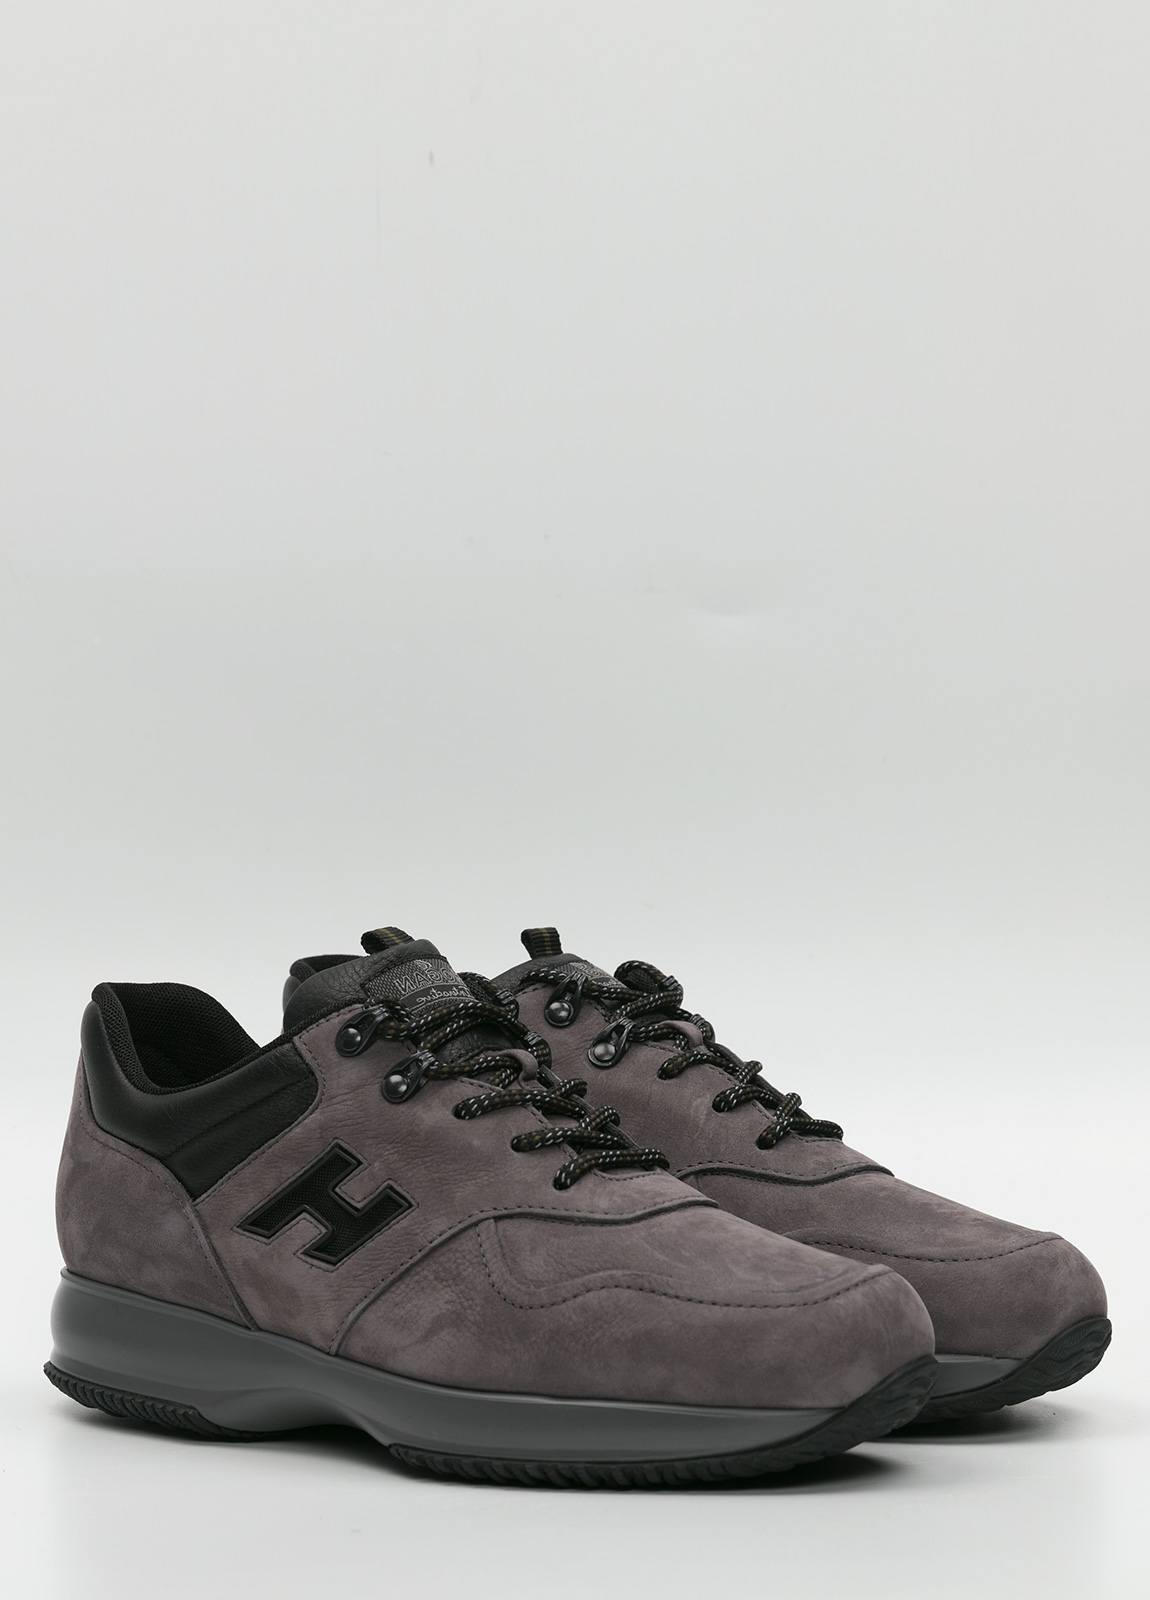 Calzado sport color gris. Combinación de piel y ante. - Ítem2